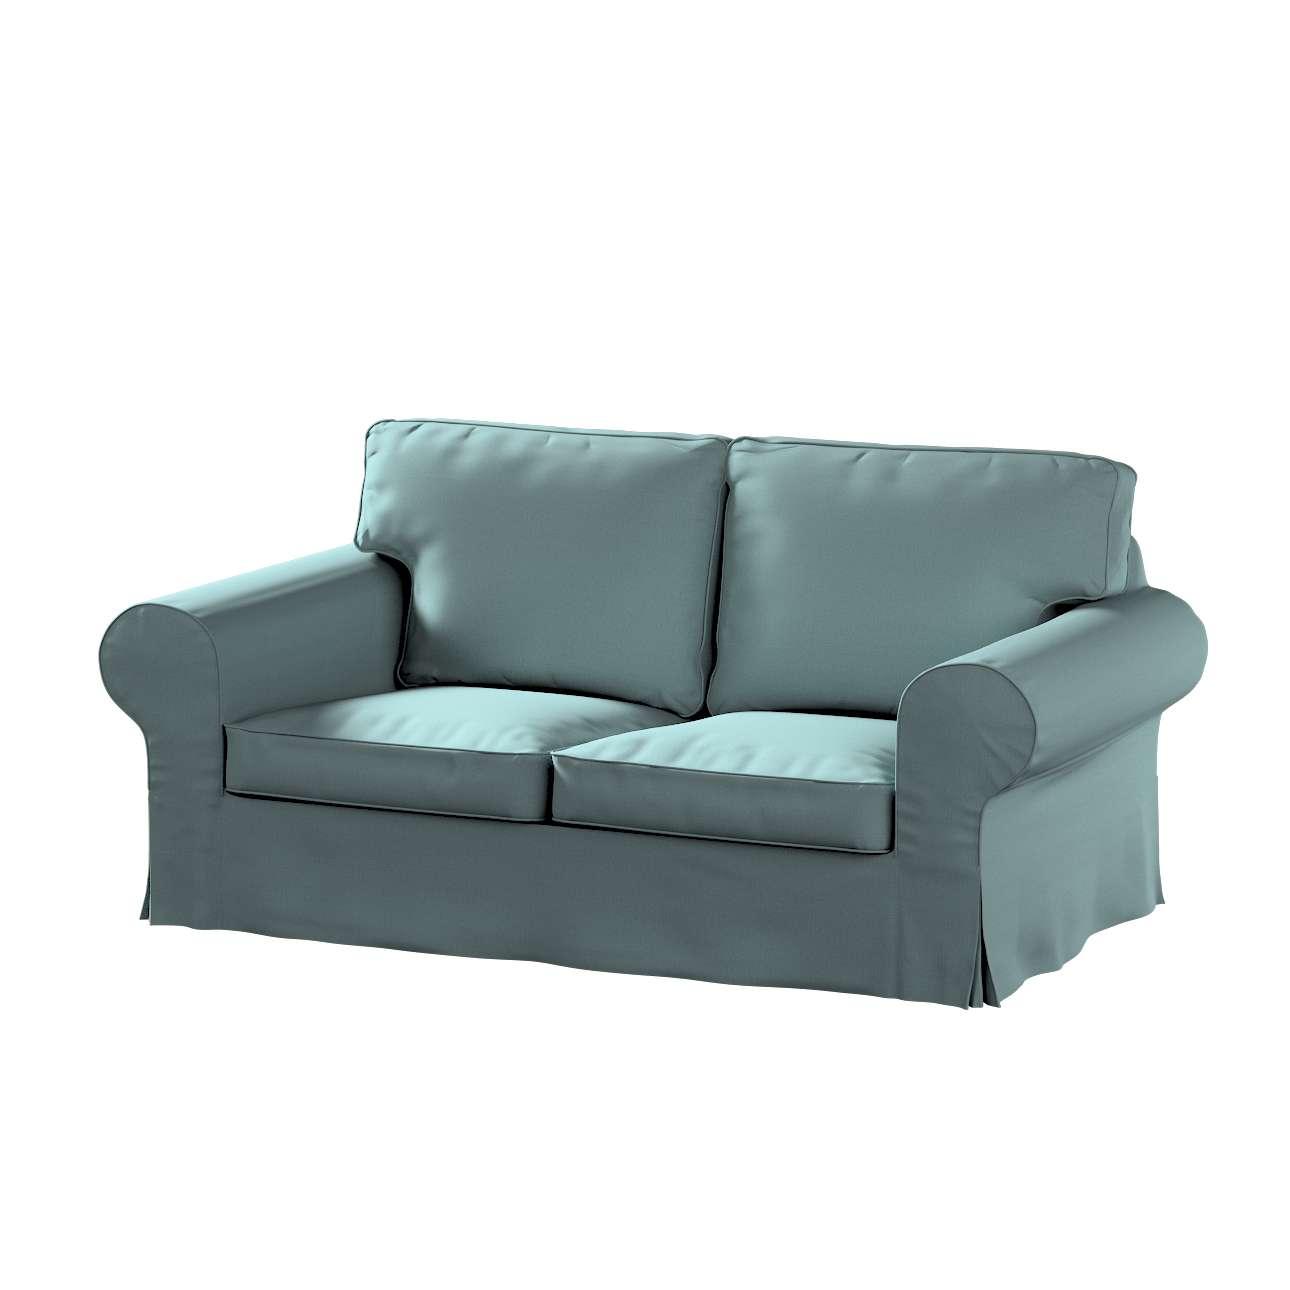 Poťah na sedačku Ektorp (nerozkladá sa, pre 2 osoby) V kolekcii Cotton Panama, tkanina: 702-40